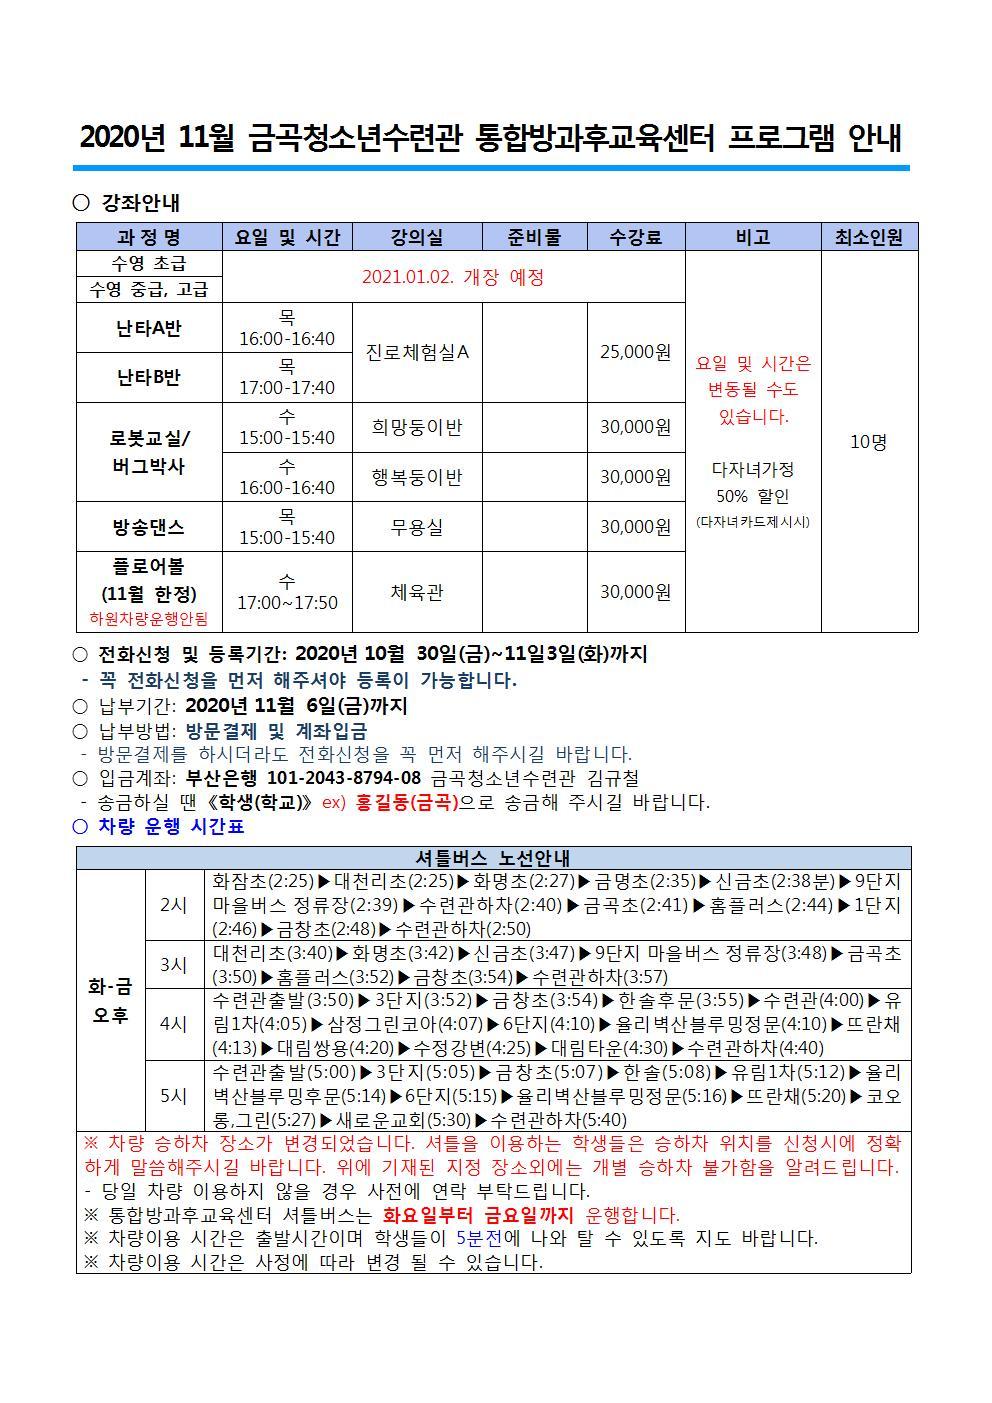 2020 11월 통합방과후교육센터 안내문002.jpg